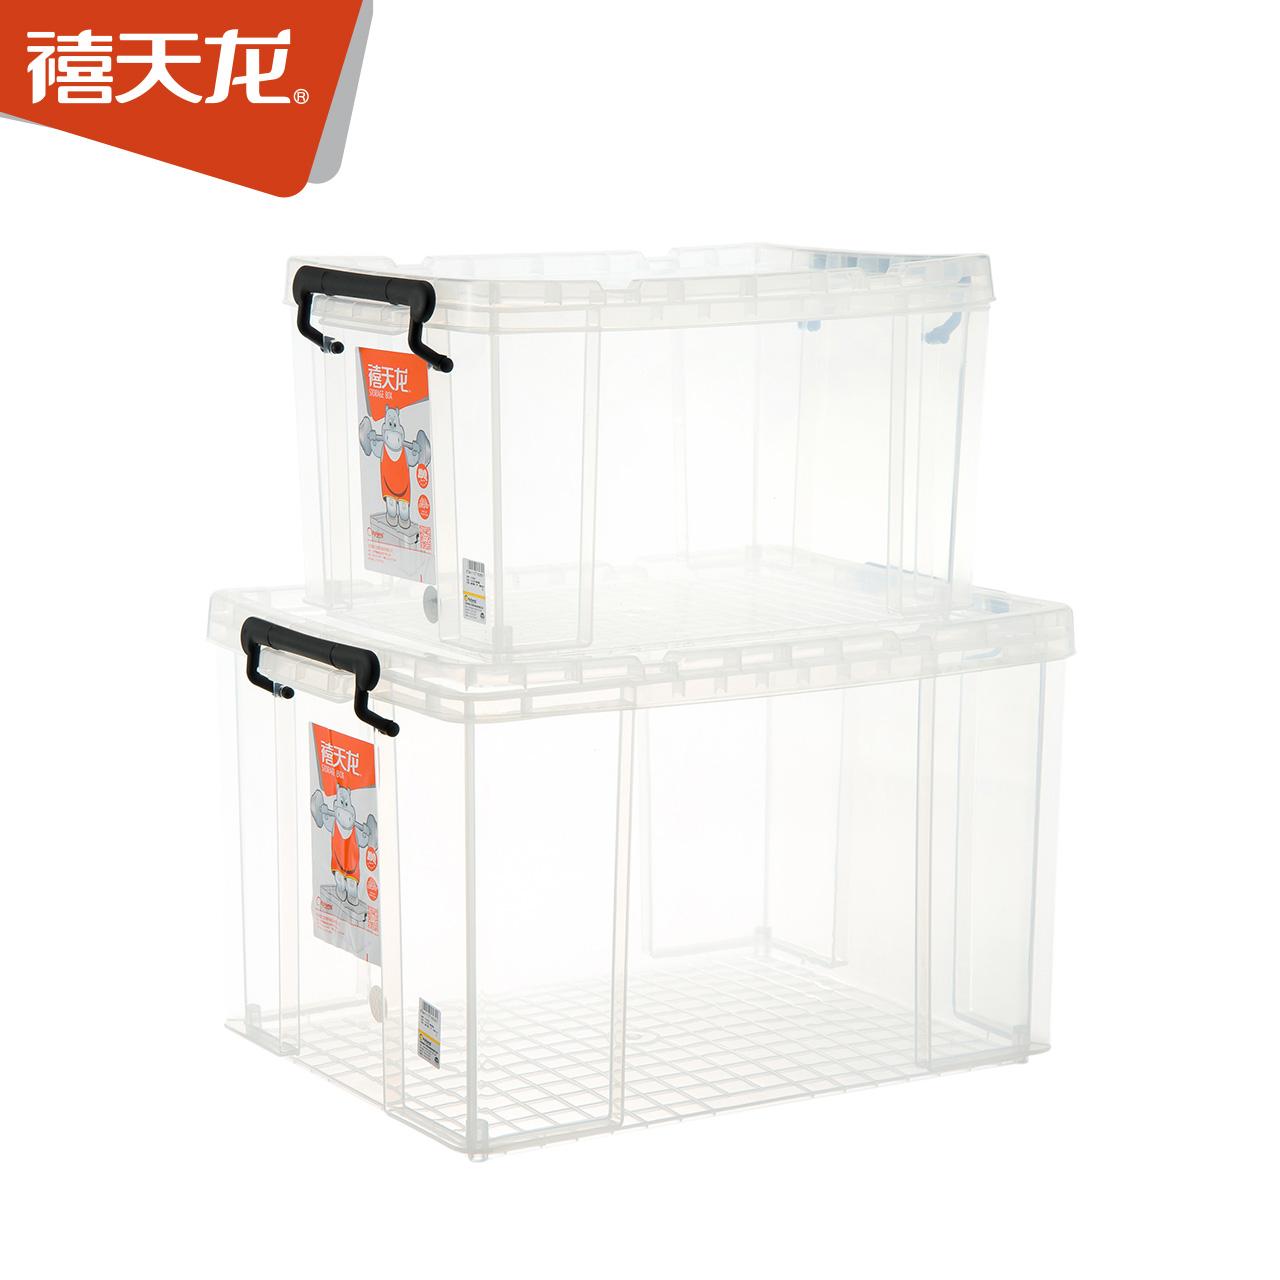 禧天龙透明收纳箱塑料储物箱有盖衣物零食整理箱子加厚玩具收纳盒